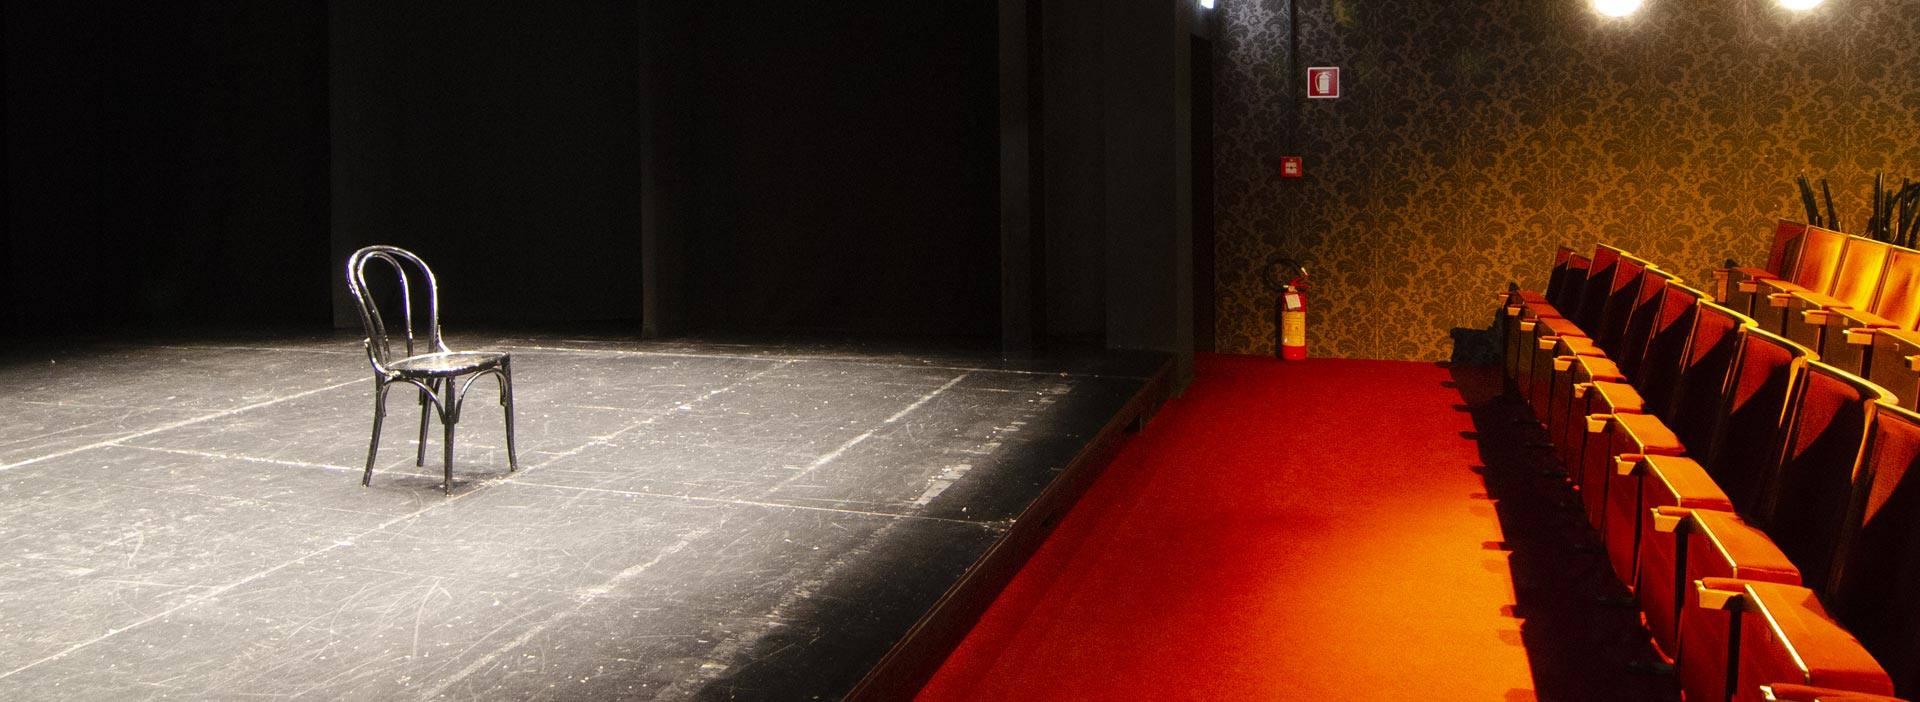 Teatro cittadino Brunico